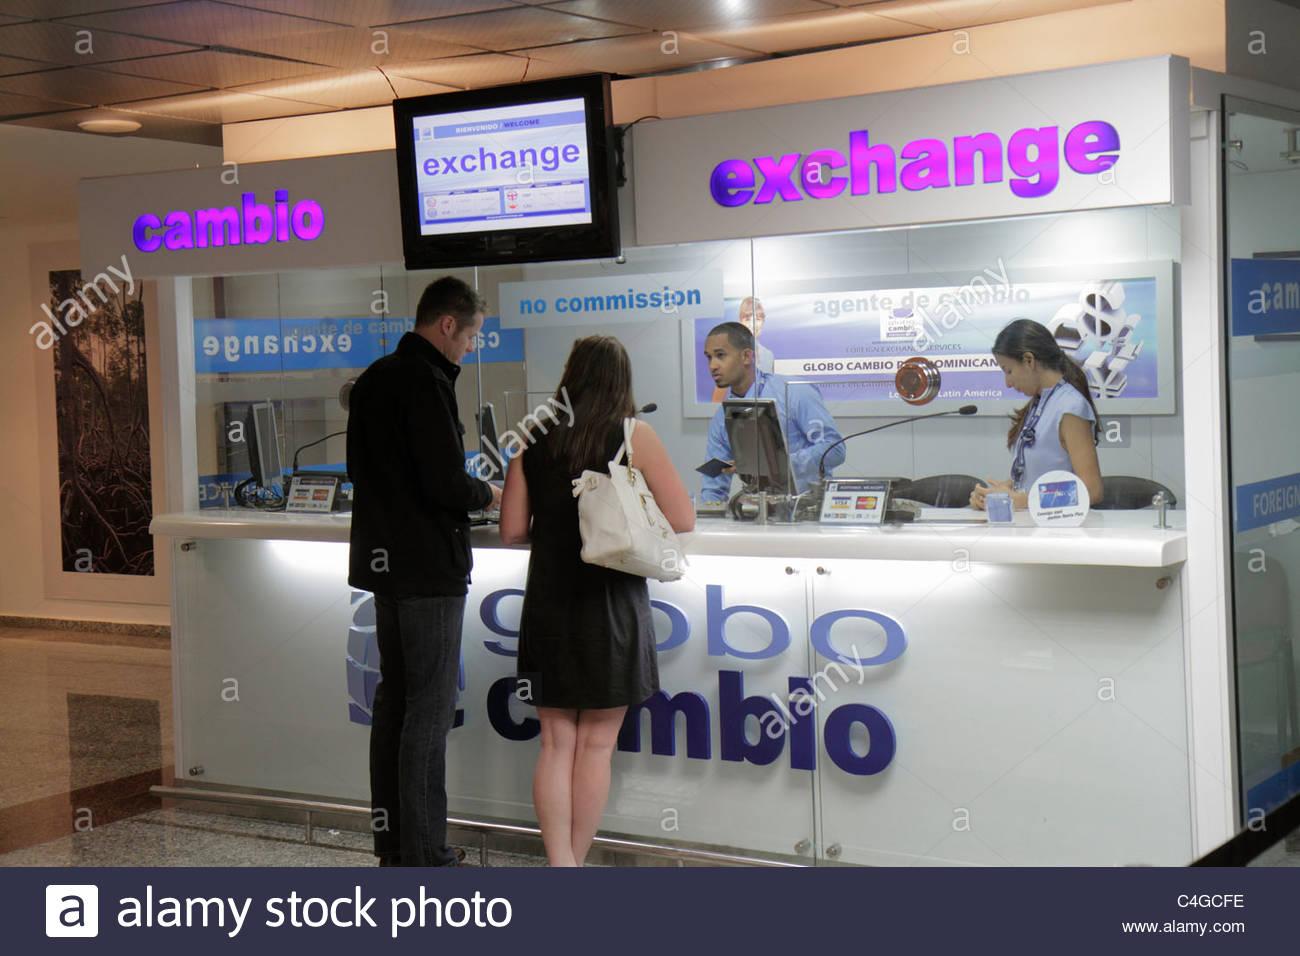 Currency exchange broker